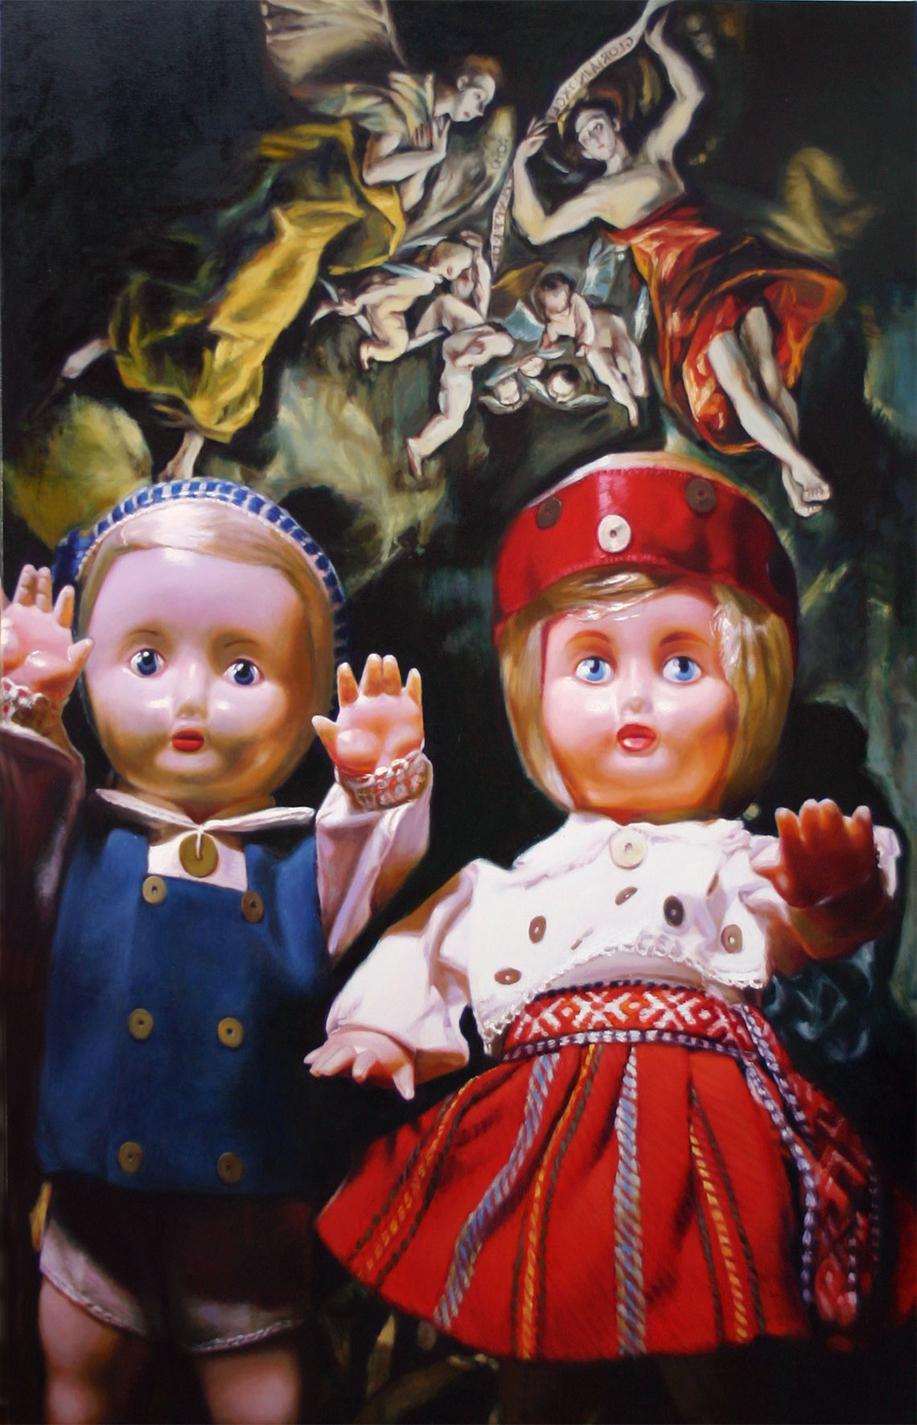 'Wanda & Wilhelm get up to mischief...' 213x137cm oil on linen